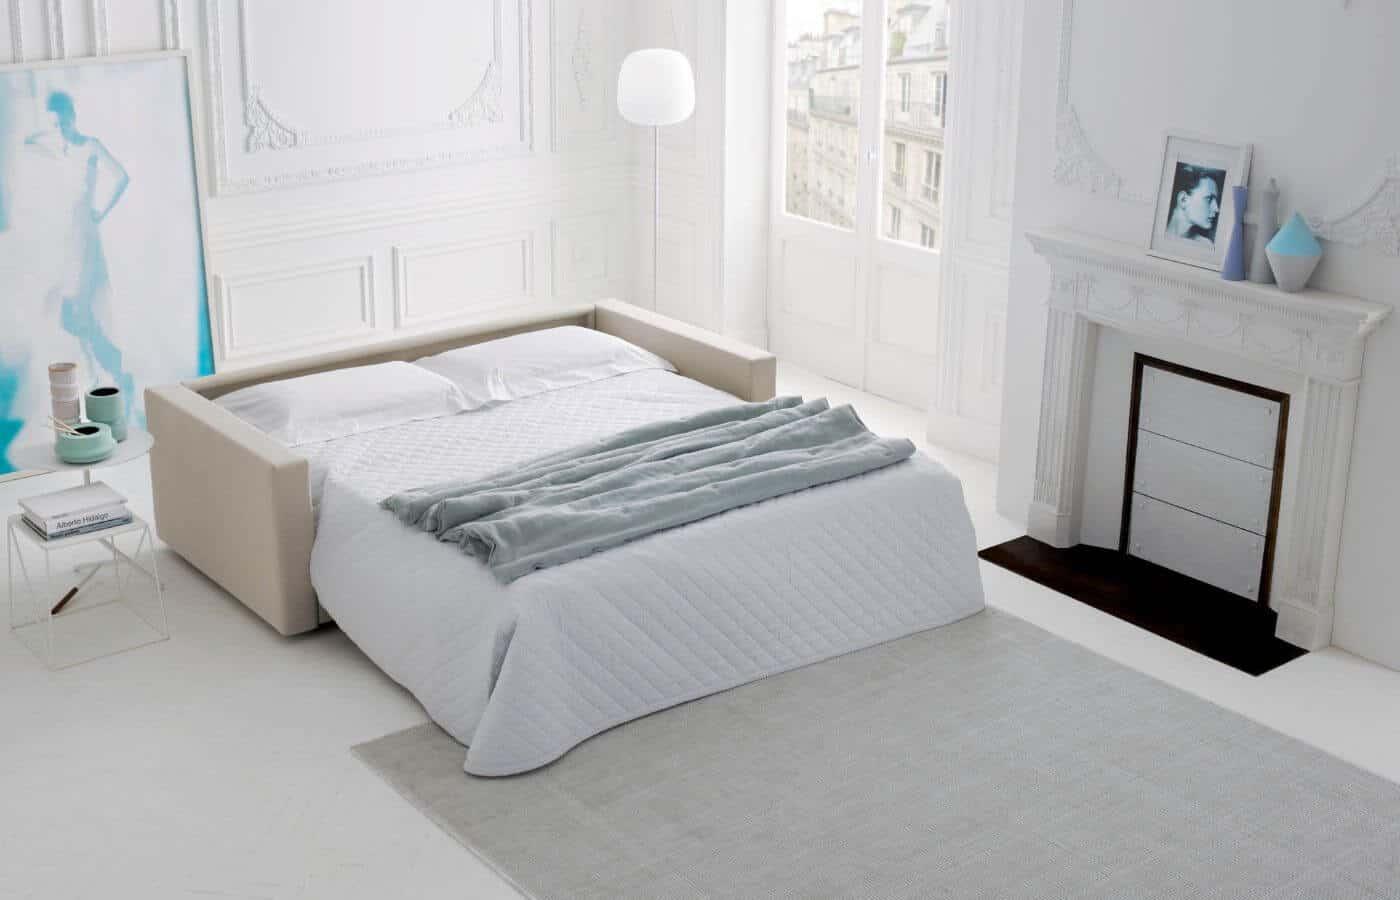 divani-letto-collezione-leandro-il-mobile (1)